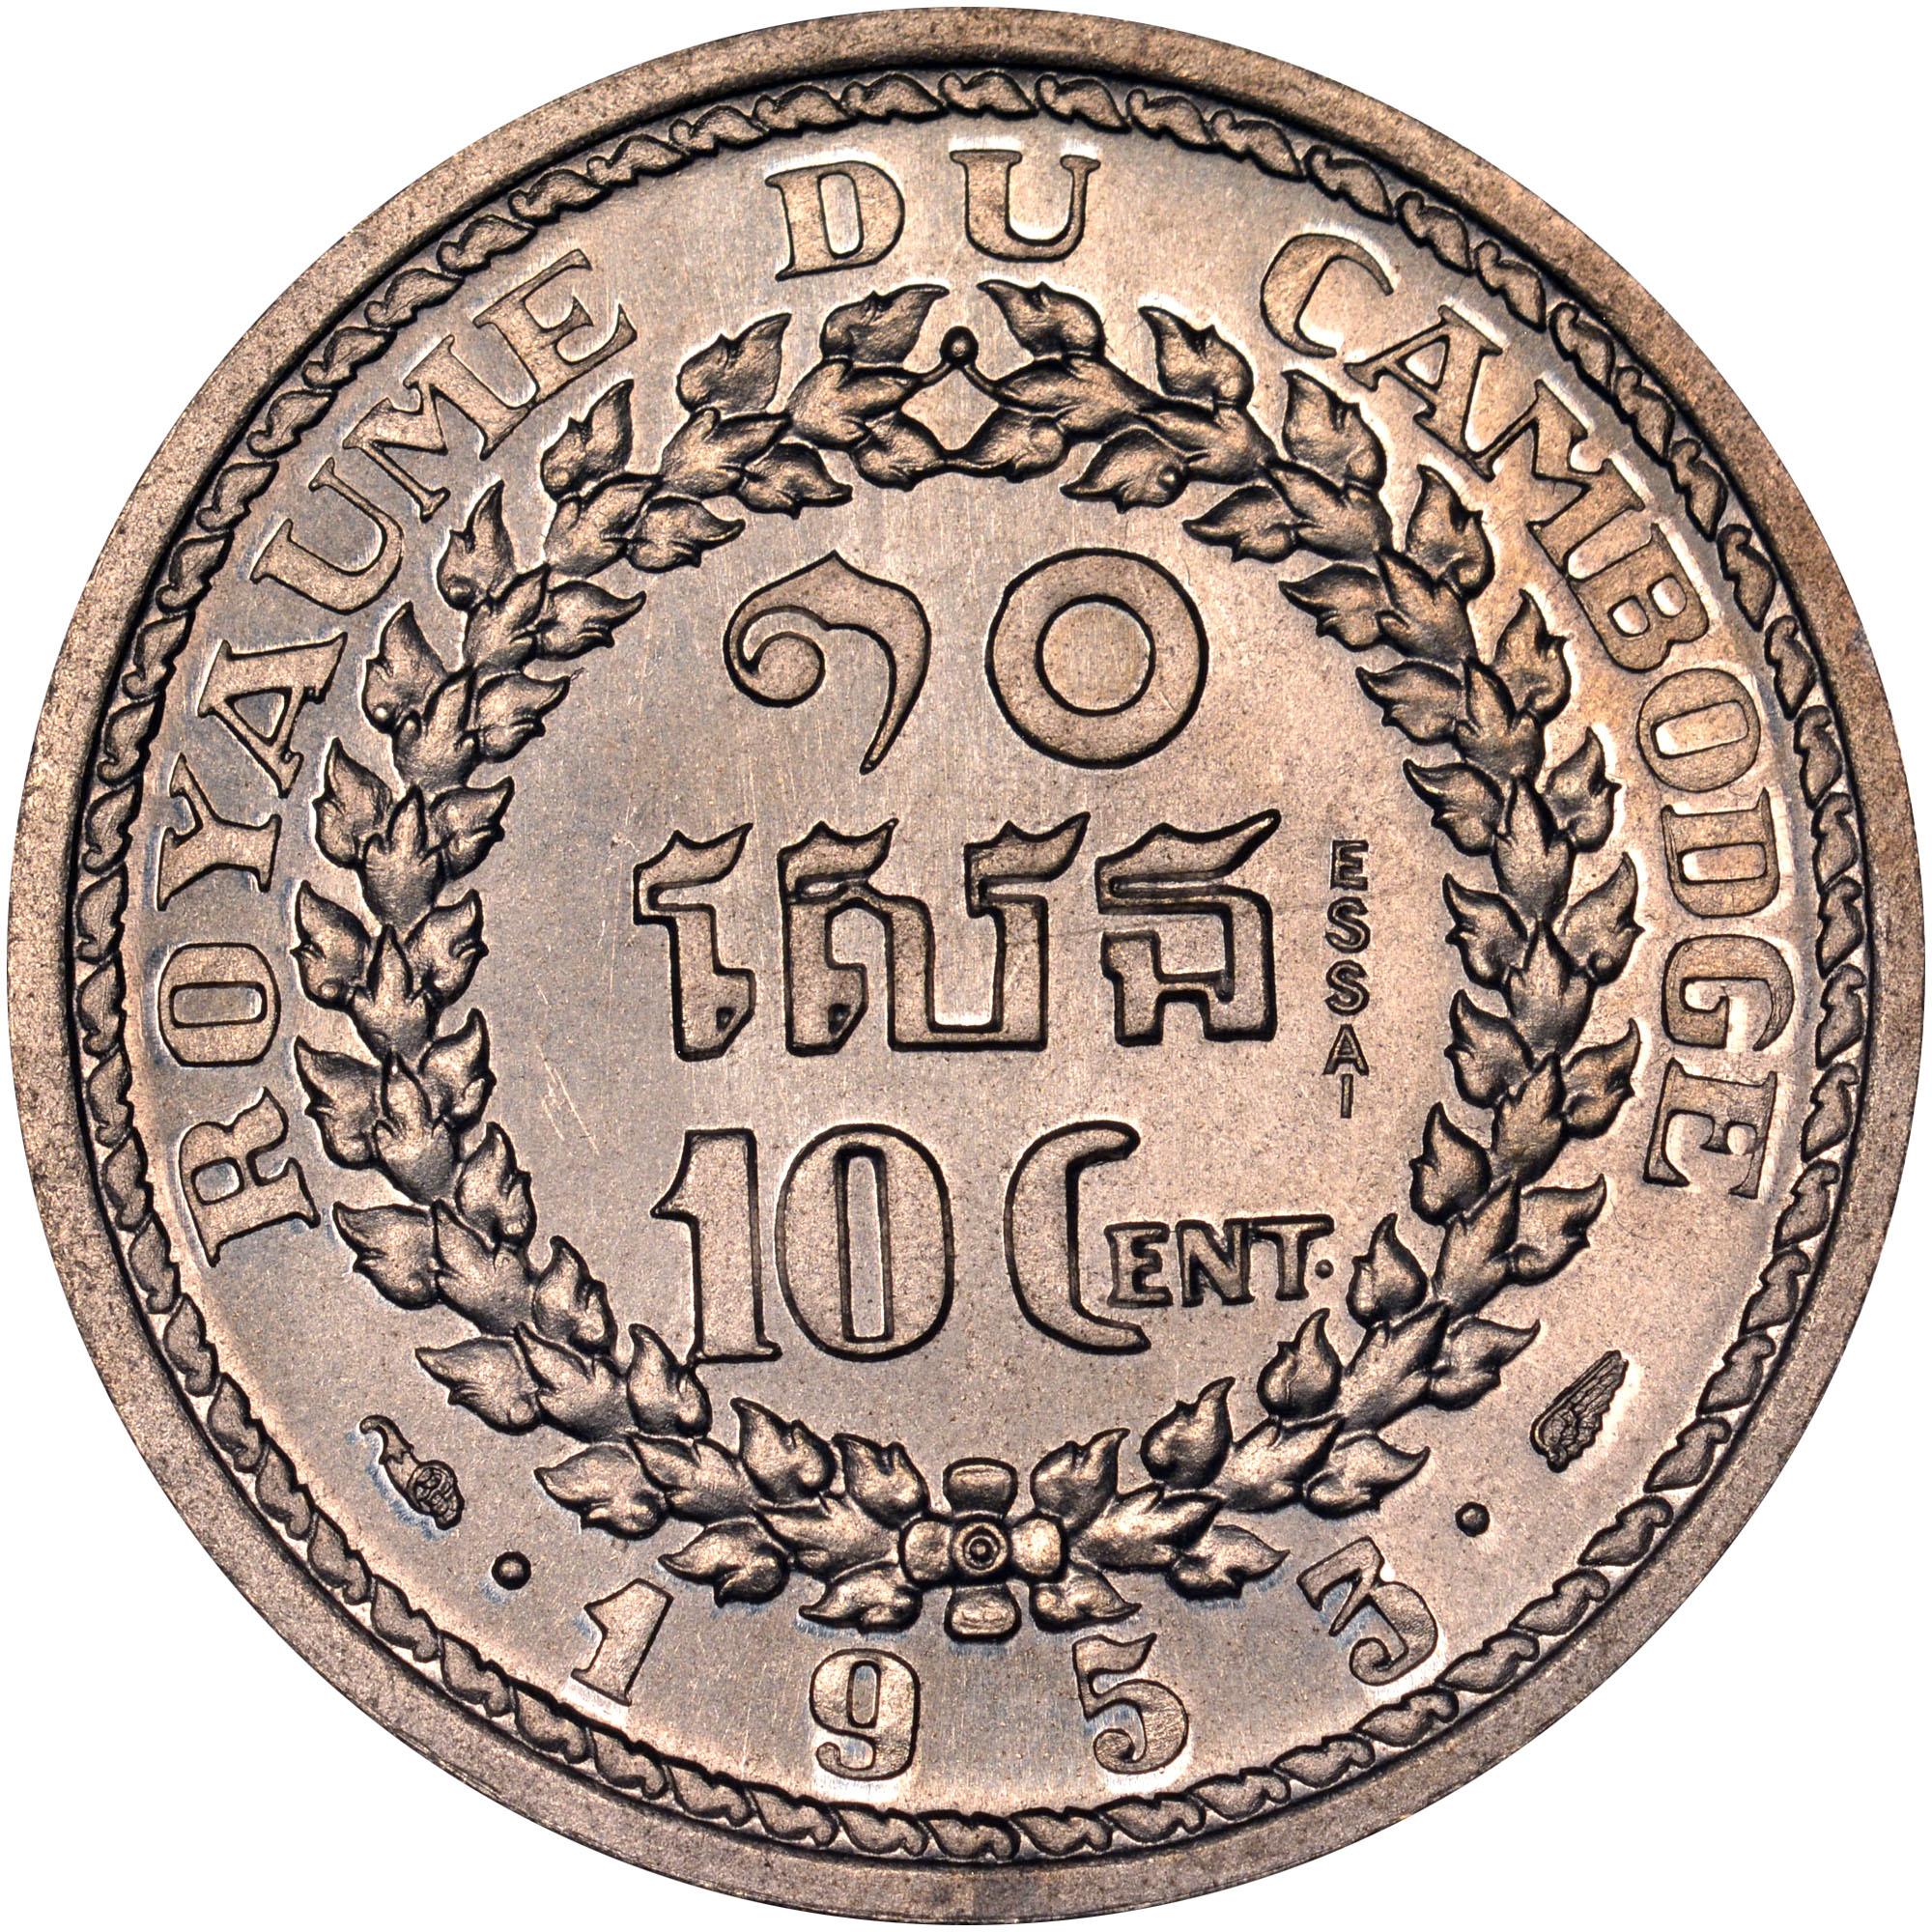 1953 Cambodia 10 Centimes reverse